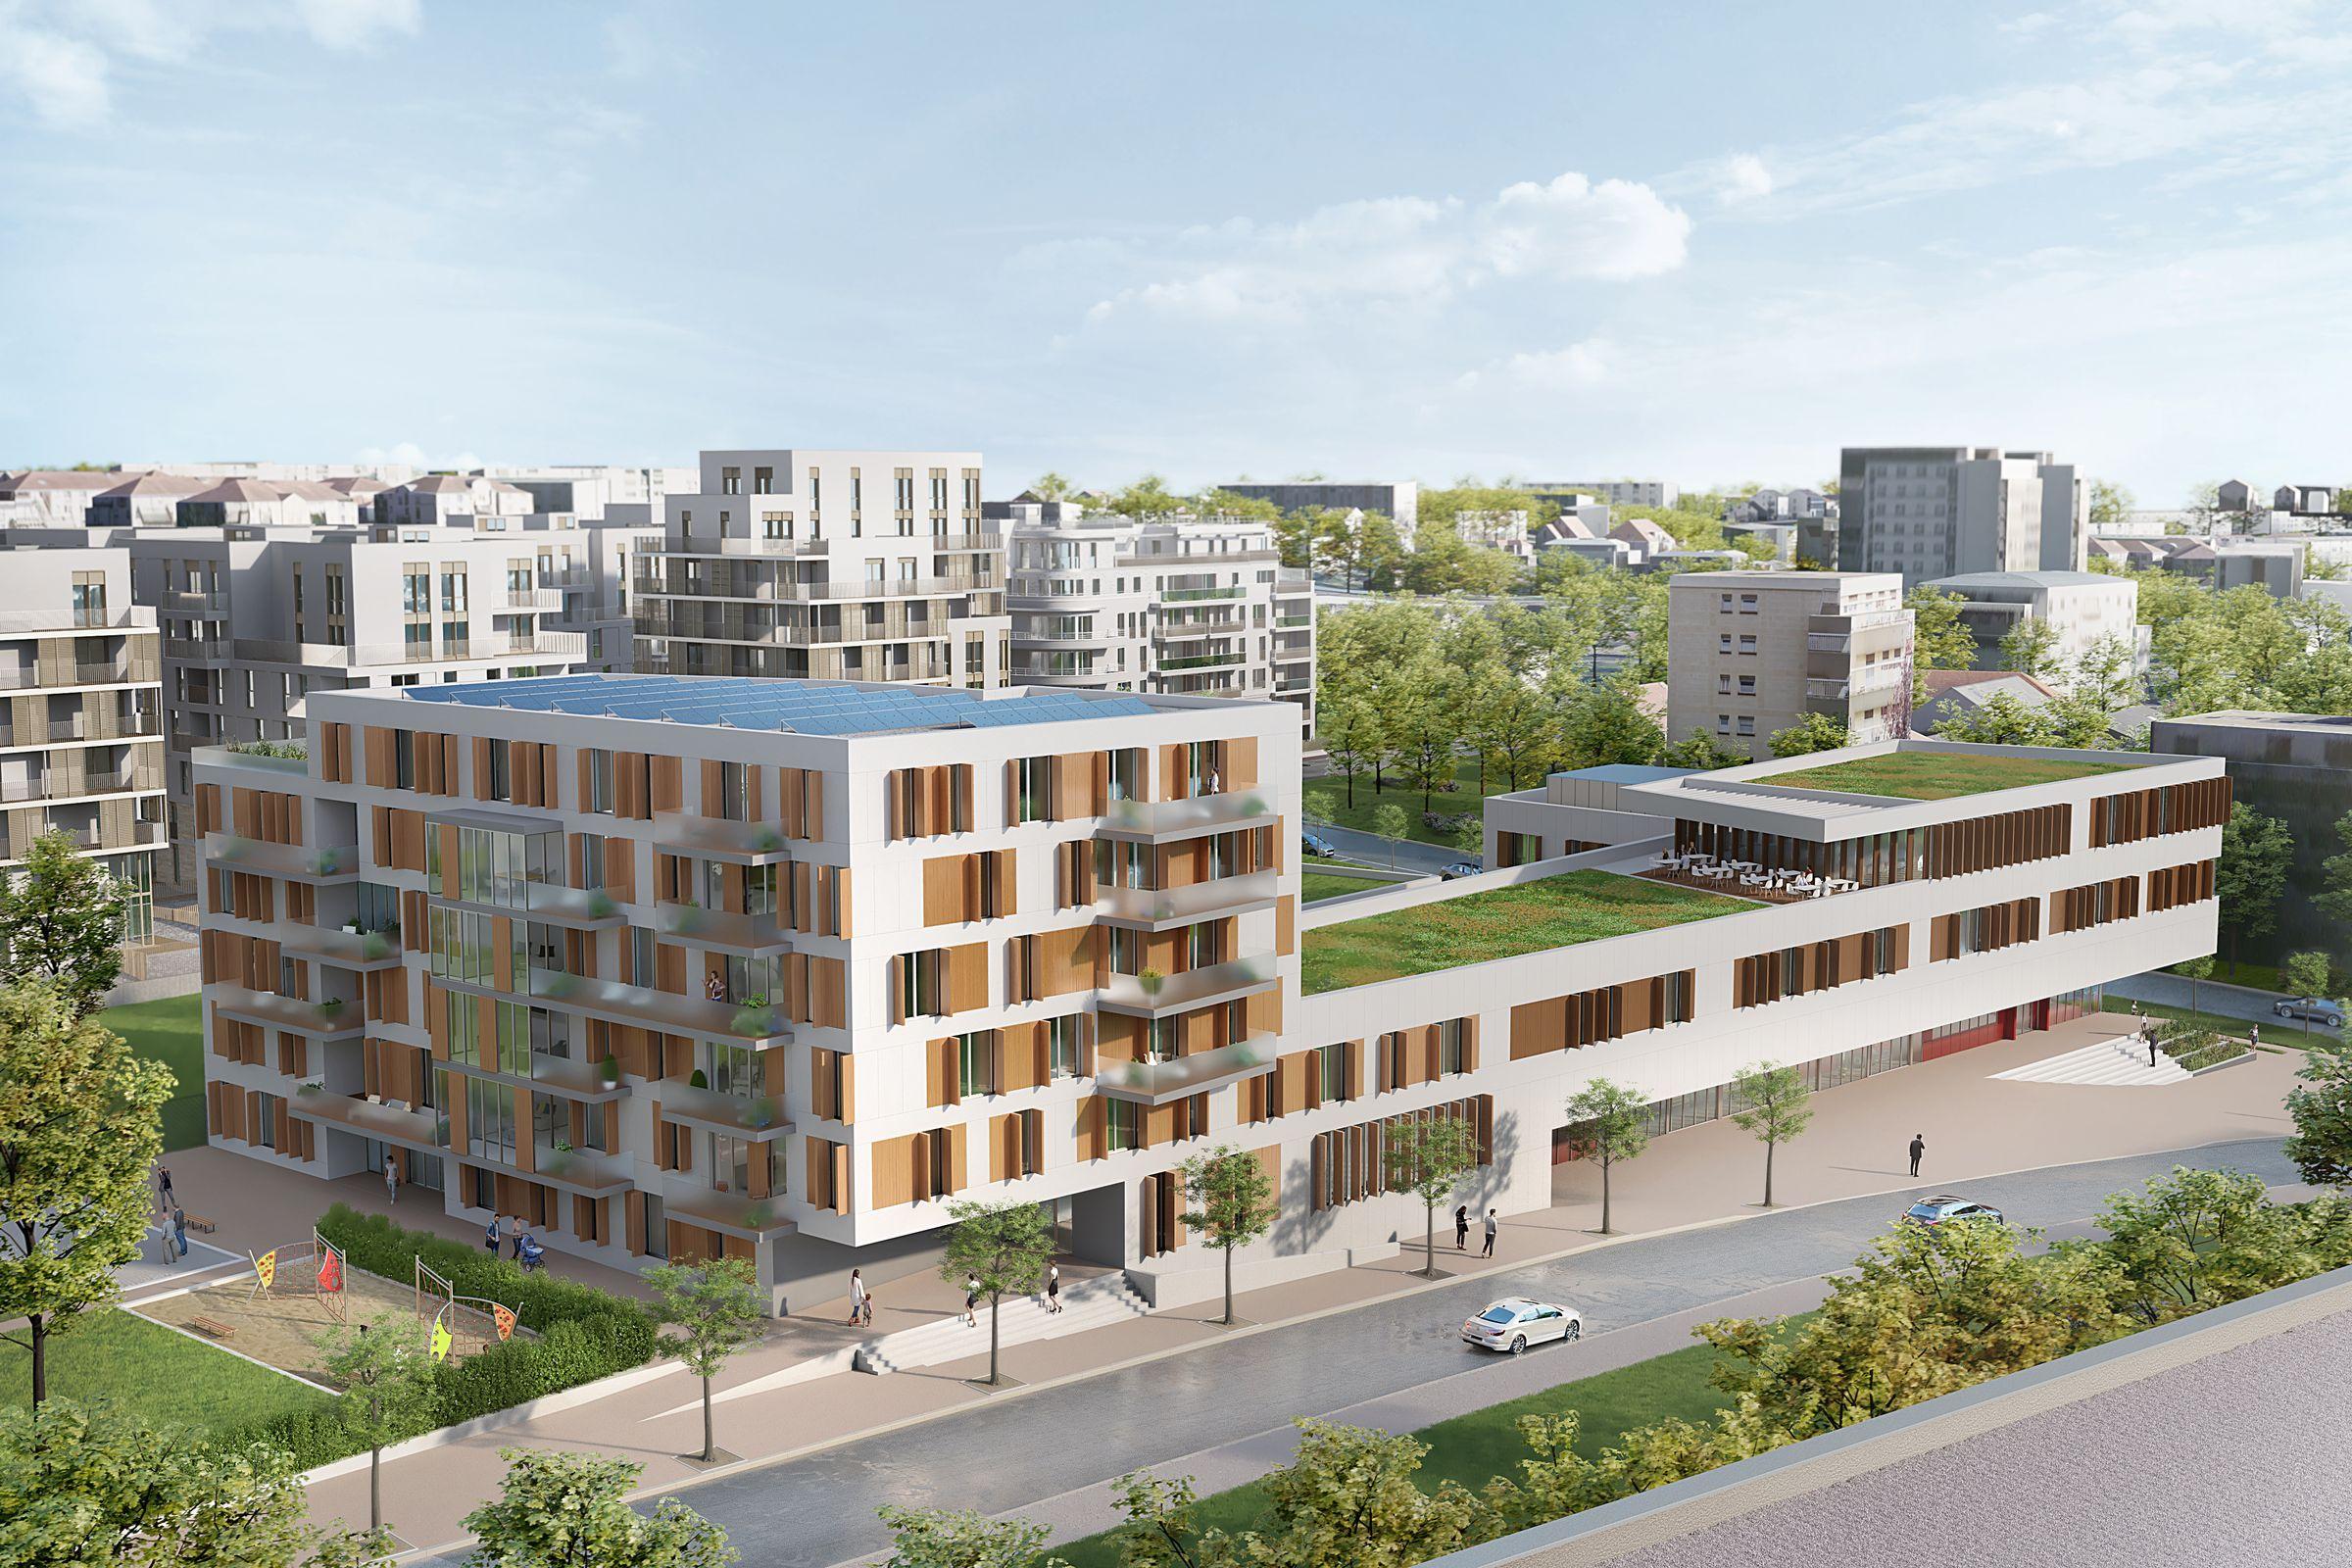 Plan2_Paris_Reuil_Malmaison_Aussen_Standpunkt2_Cam001_190709_03b